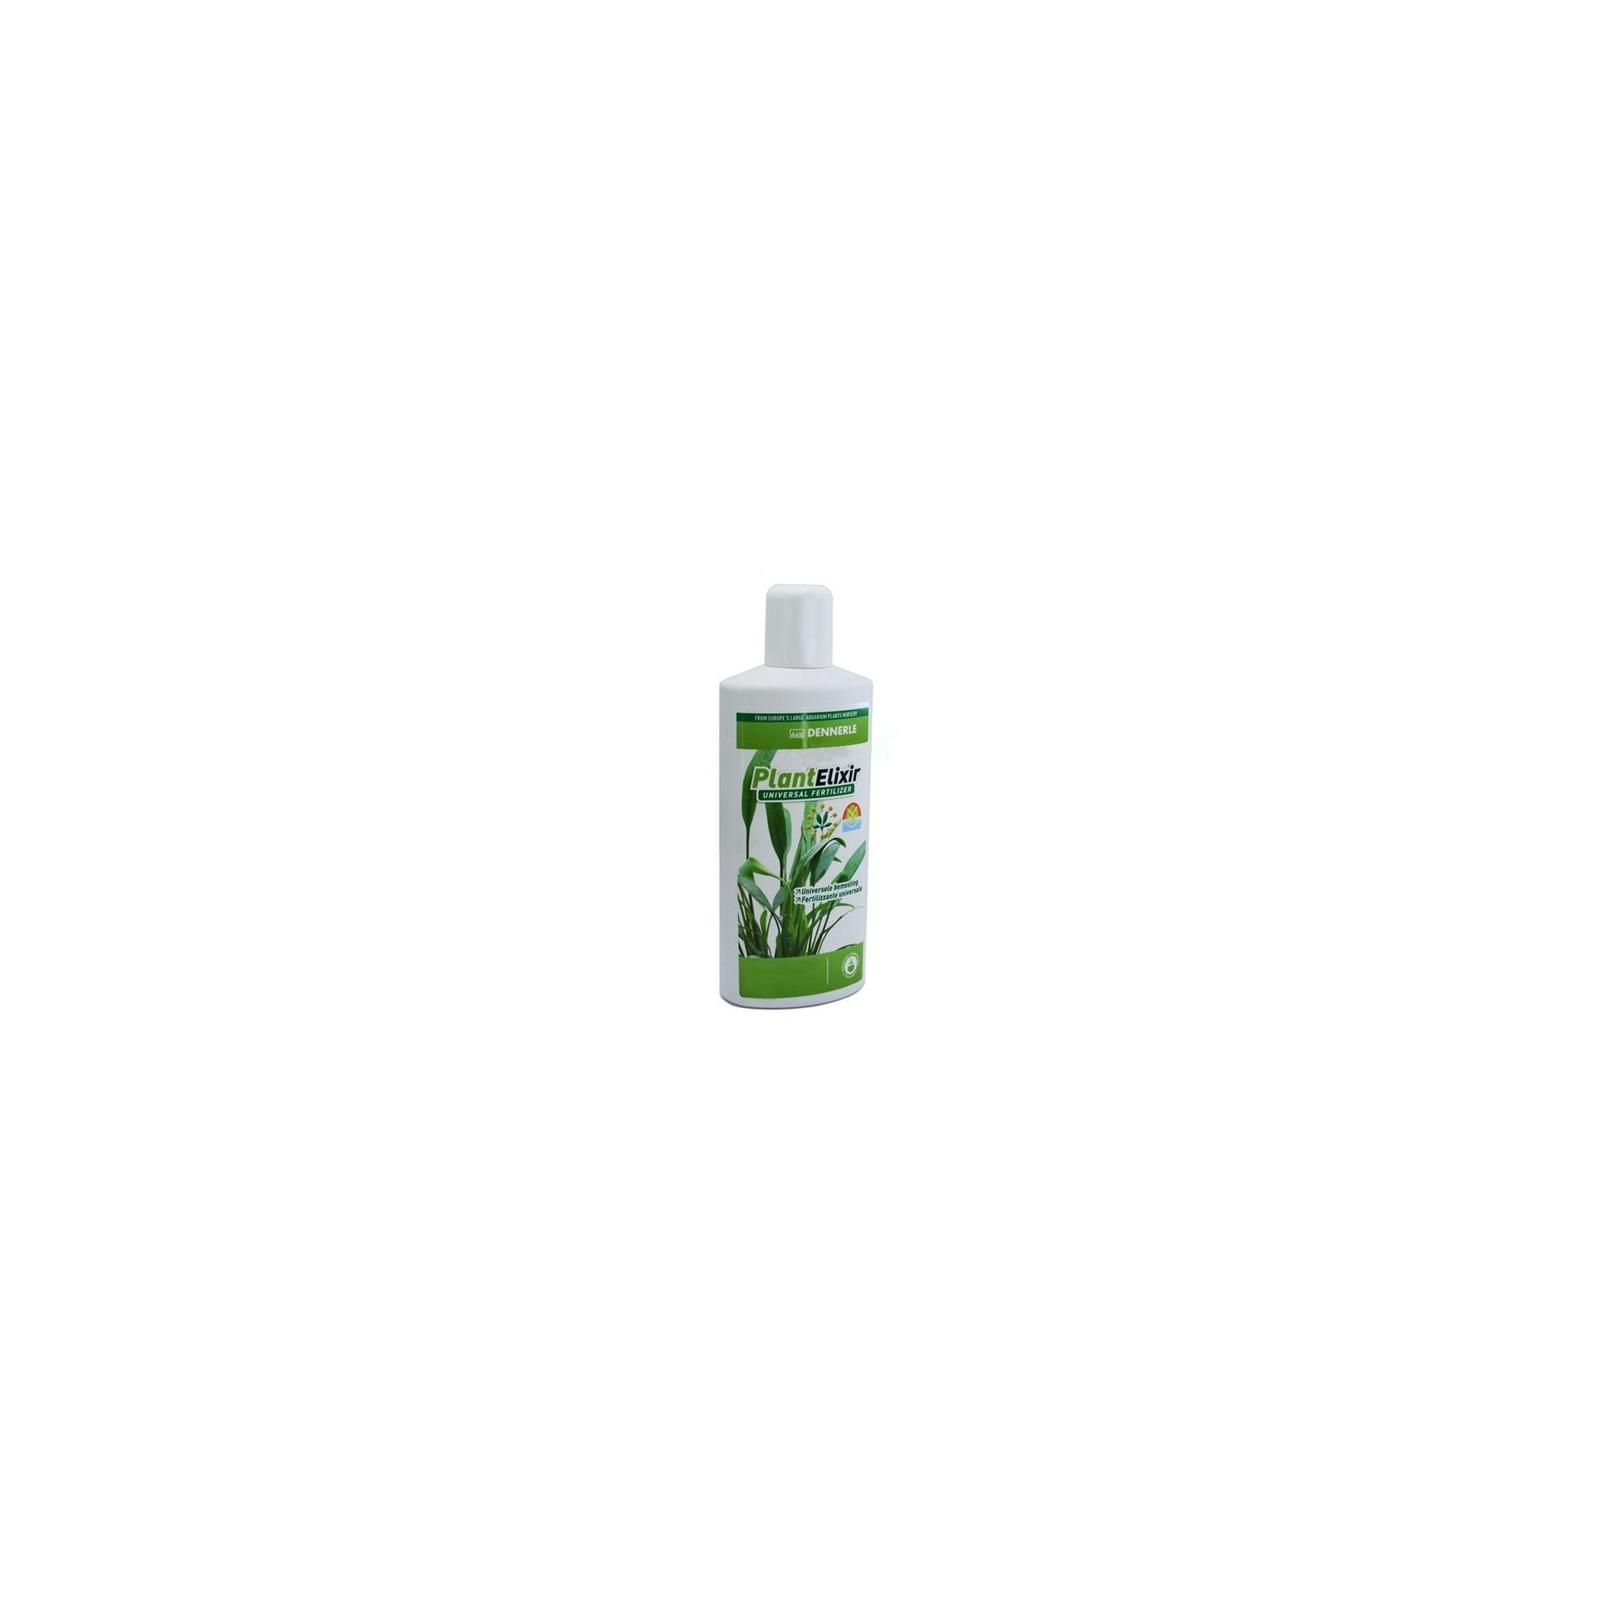 Dennerle 4540 Plant Elixir 500 ml fertilizzante completo per plantacquari